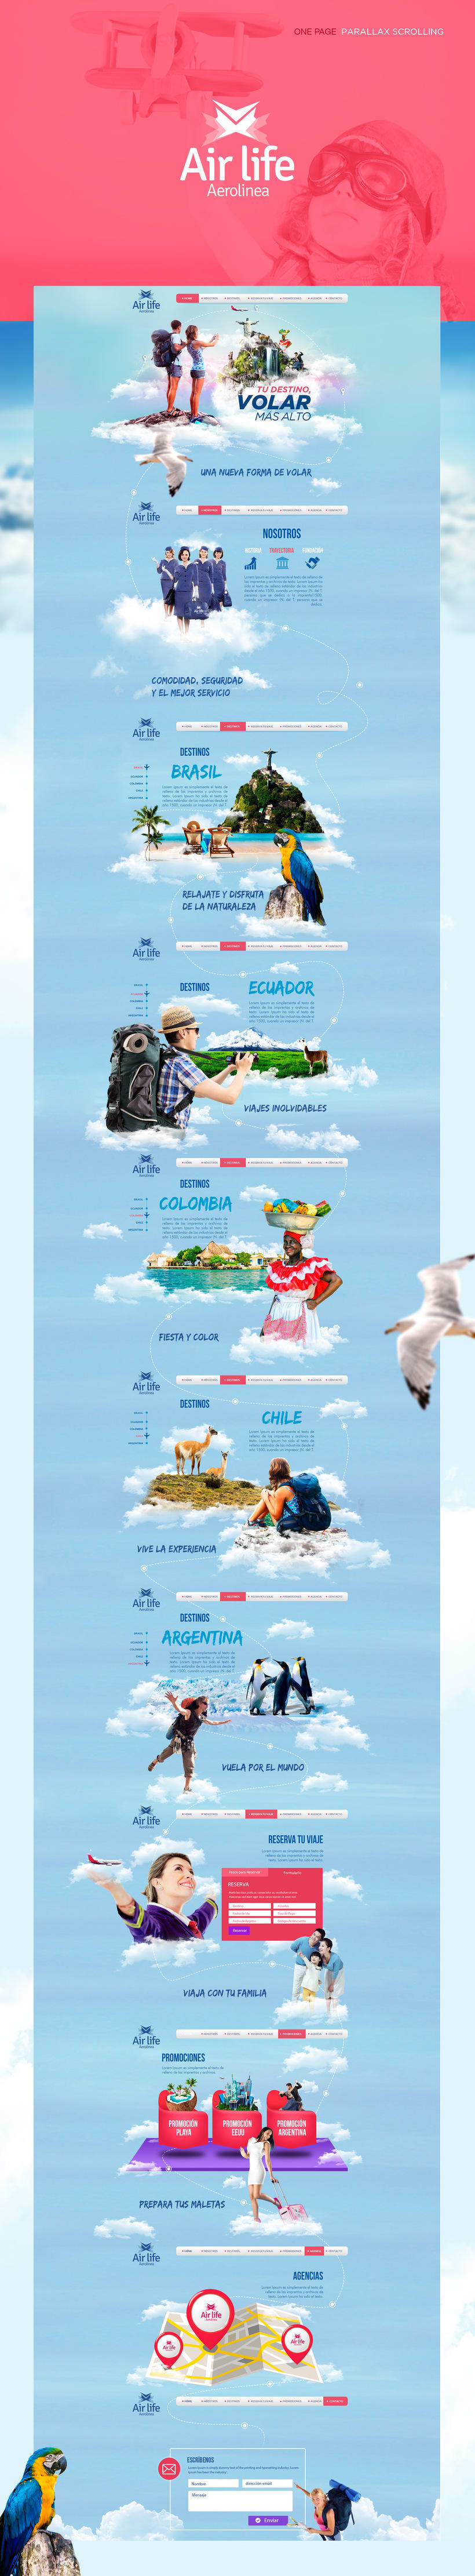 Diseño Web Parallax  Air Life - Práctica Personal -1